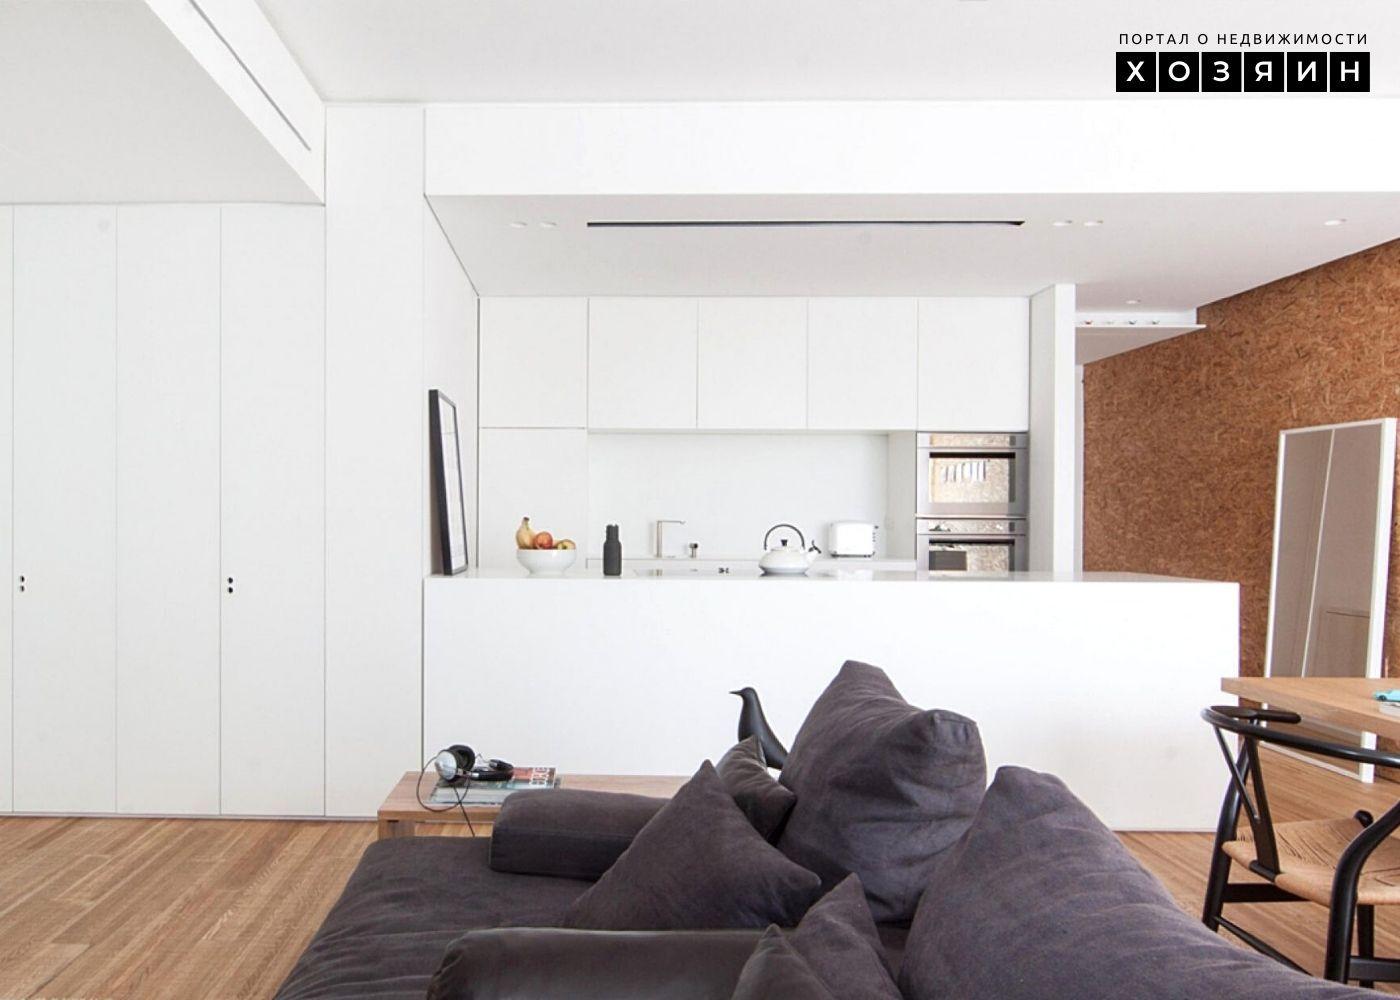 Всё, что вам нужно знать о минимализме в дизайне интерьера.